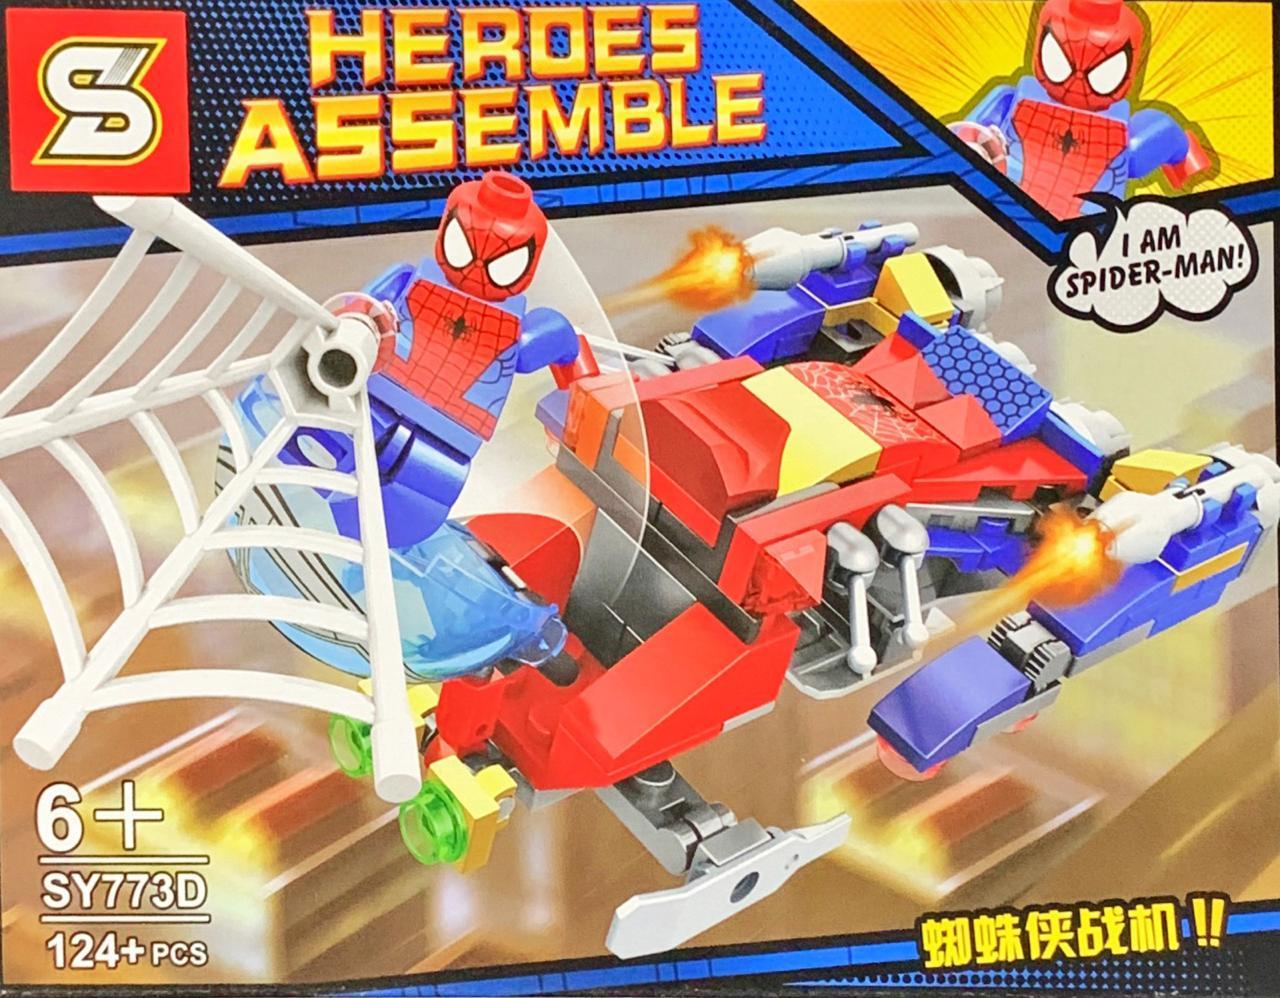 Bloco de Montar Heroes Assemble: Homem Aranha (SY773D) - (124 Peças)